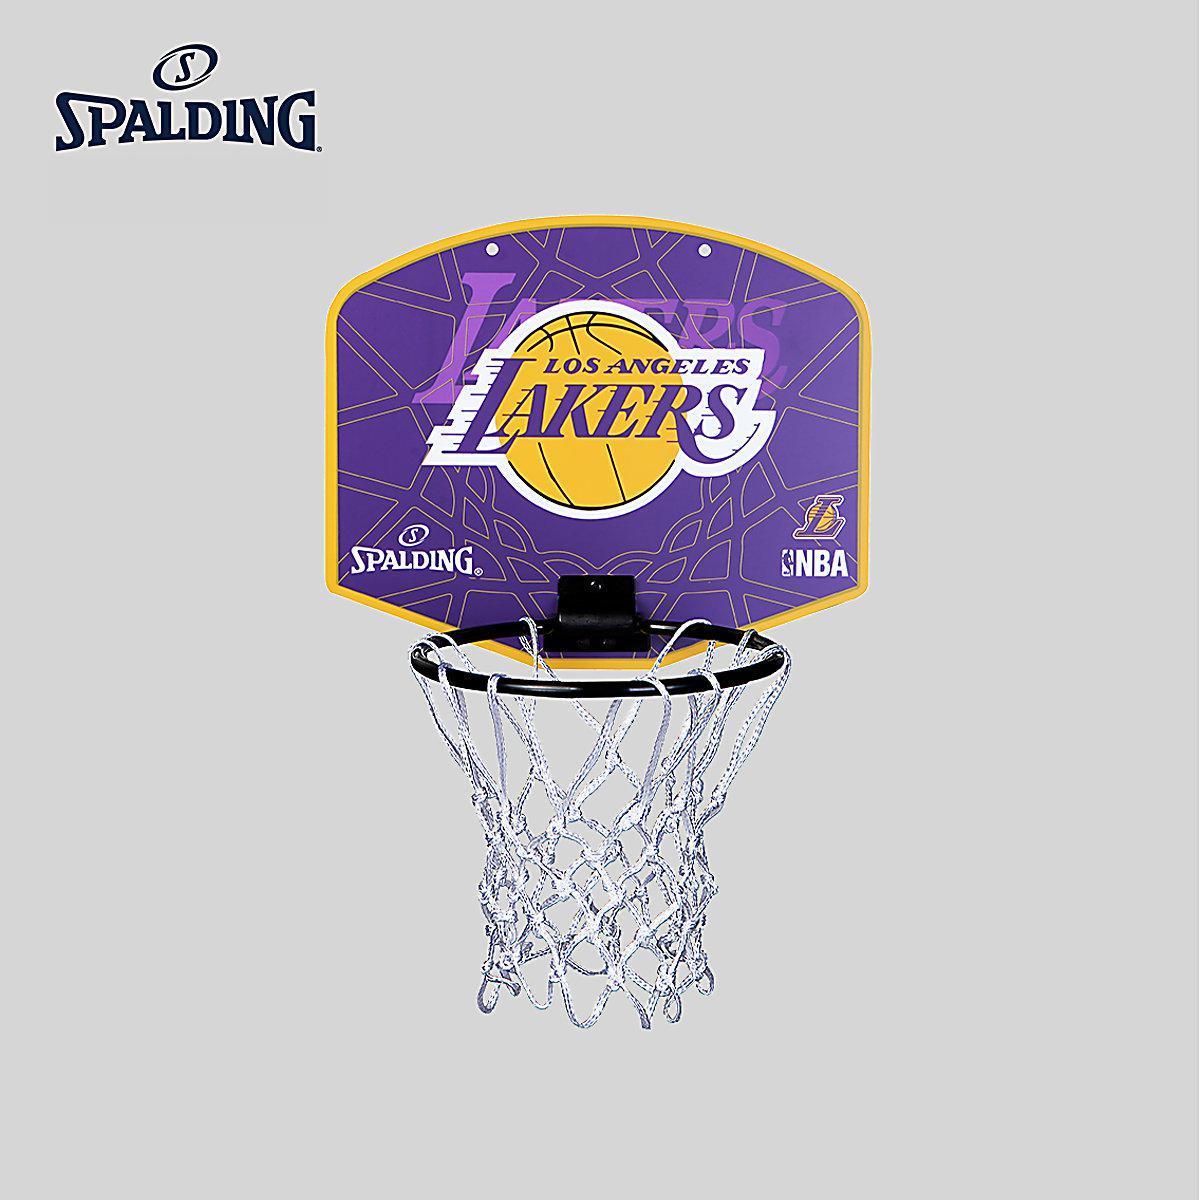 Spalding Nba Lakers emblème Mini panneau mural attaché petite balle de basket-Ball 77-628Y